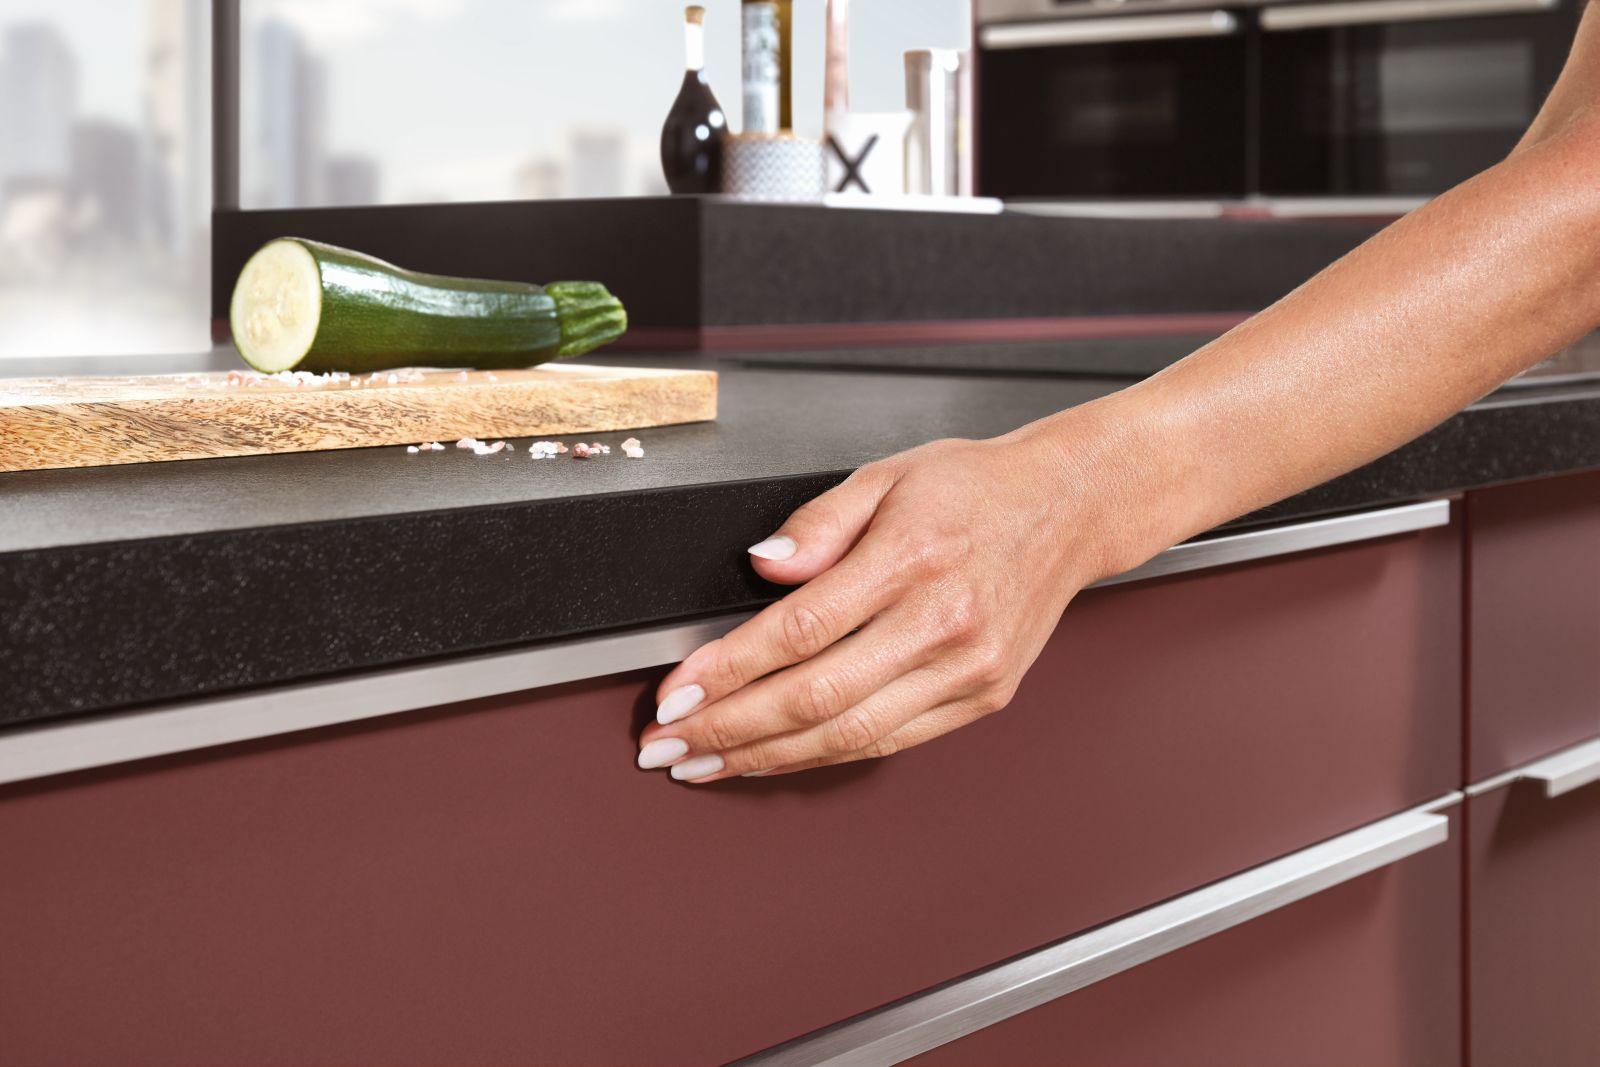 Kaštanová posiluje v kuchyních slide 3